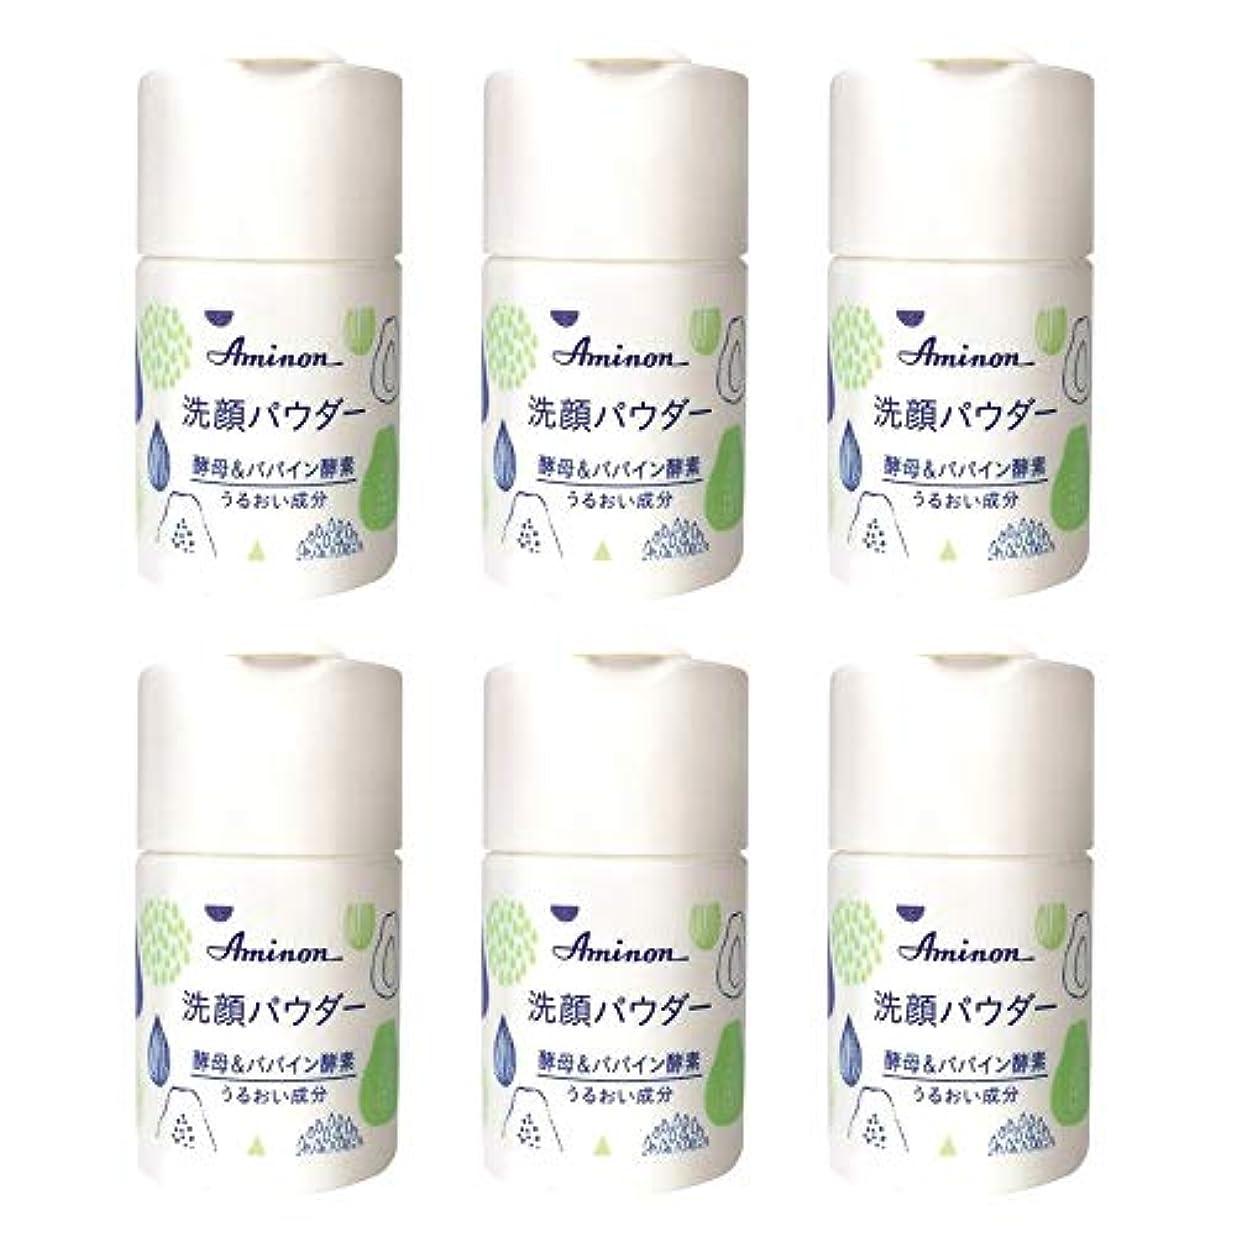 飾り羽可聴波アミノン パパイン酵素配合 洗顔パウダー 50g (6本セット)